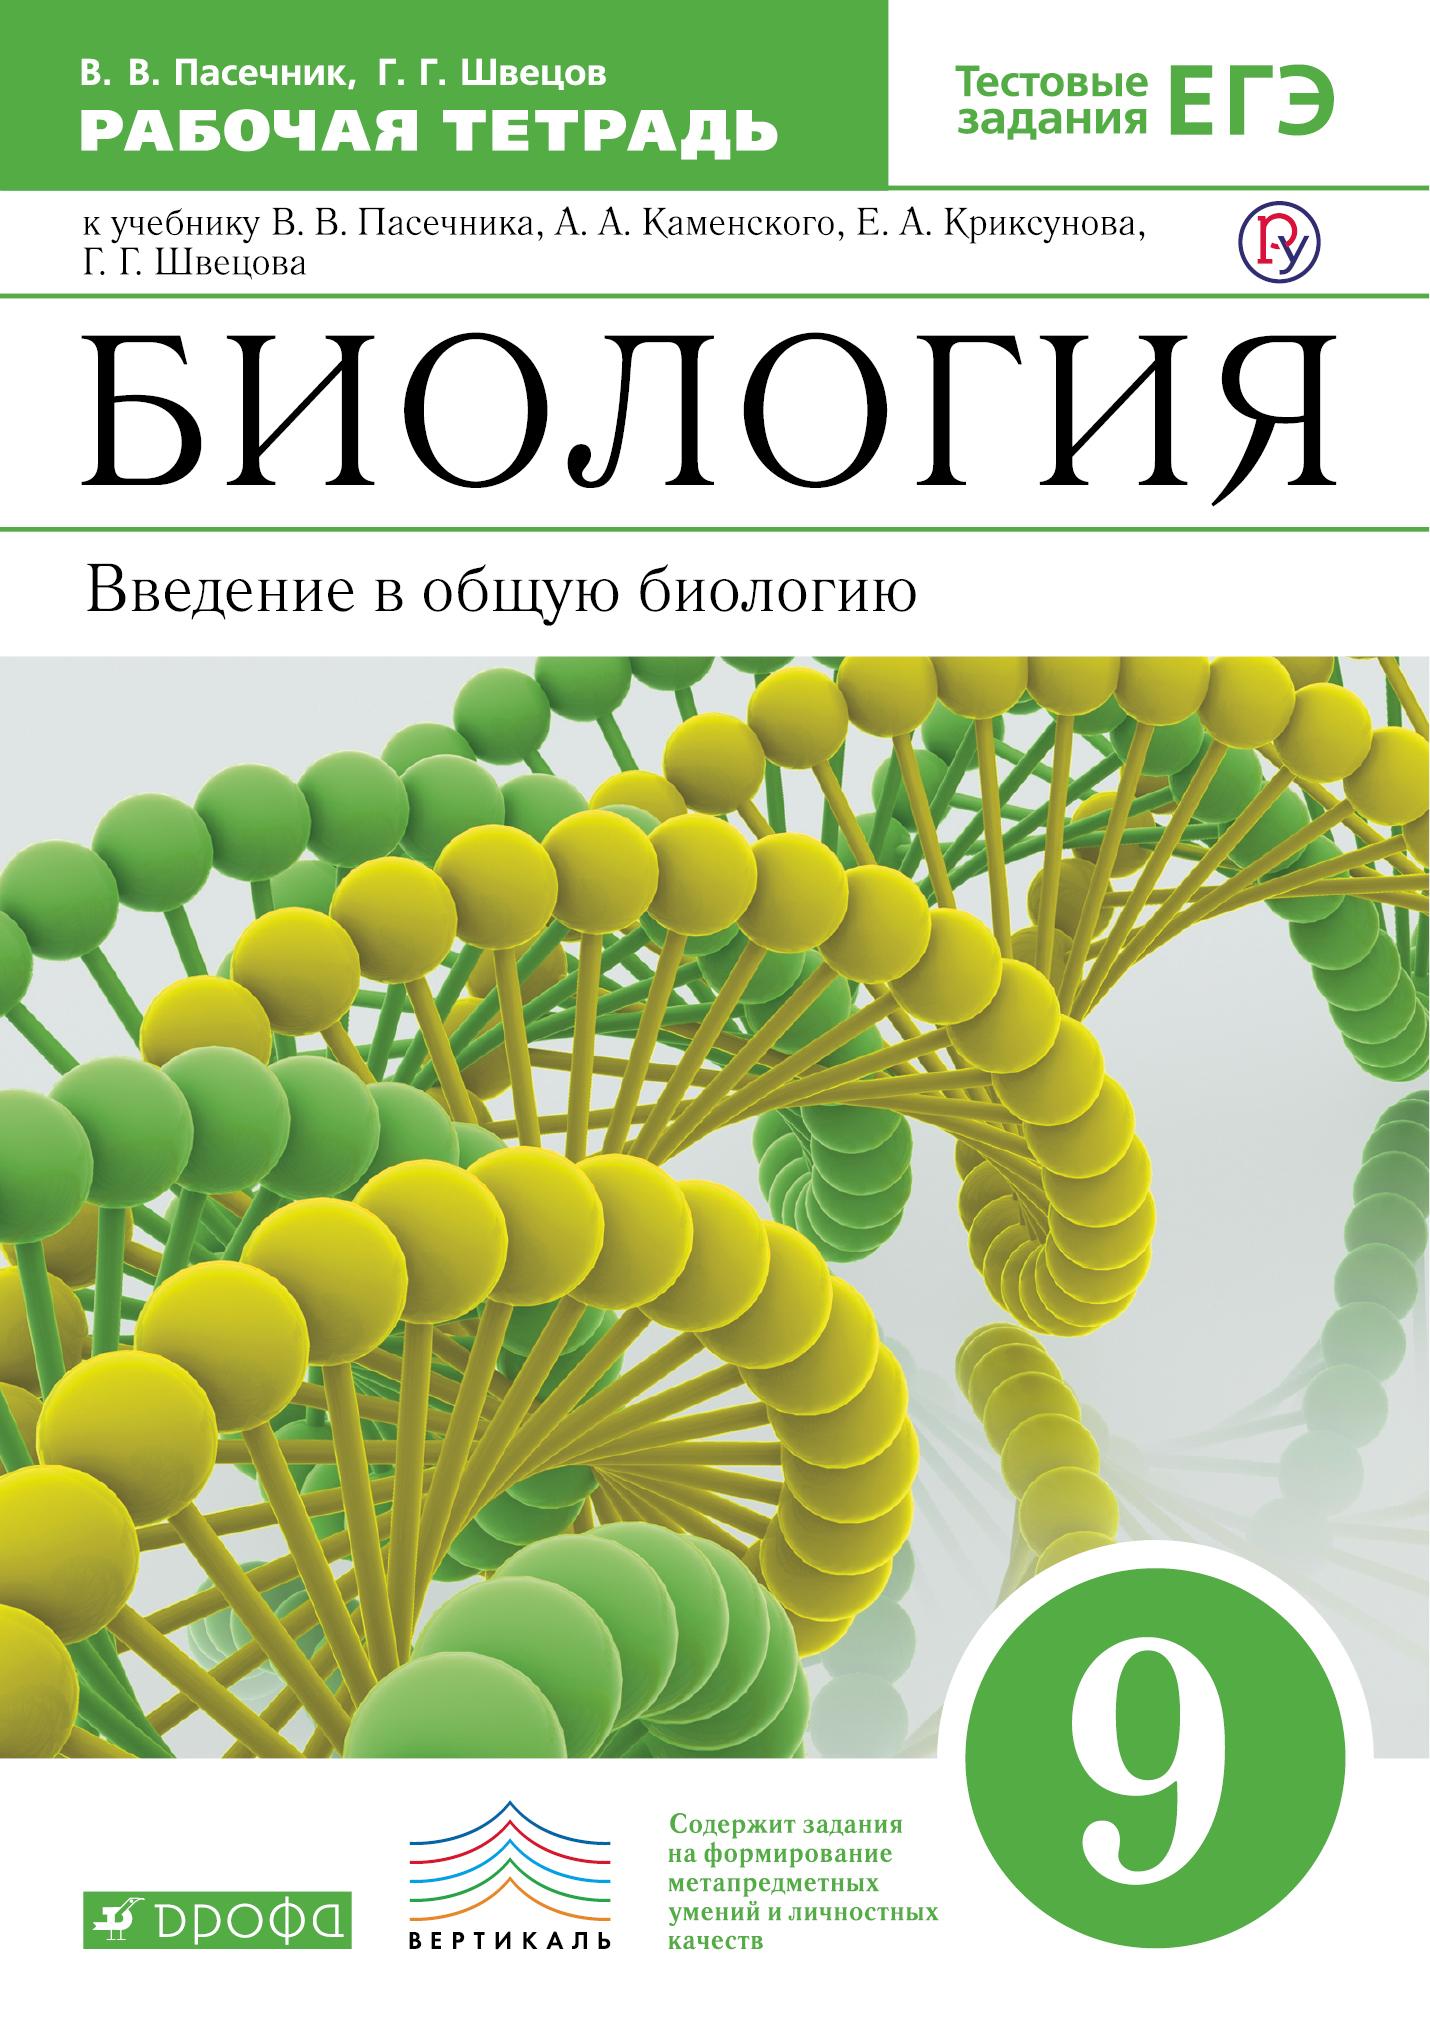 Биология. . 9 класс. Введение в общую биологию. Рабочая тетрадь